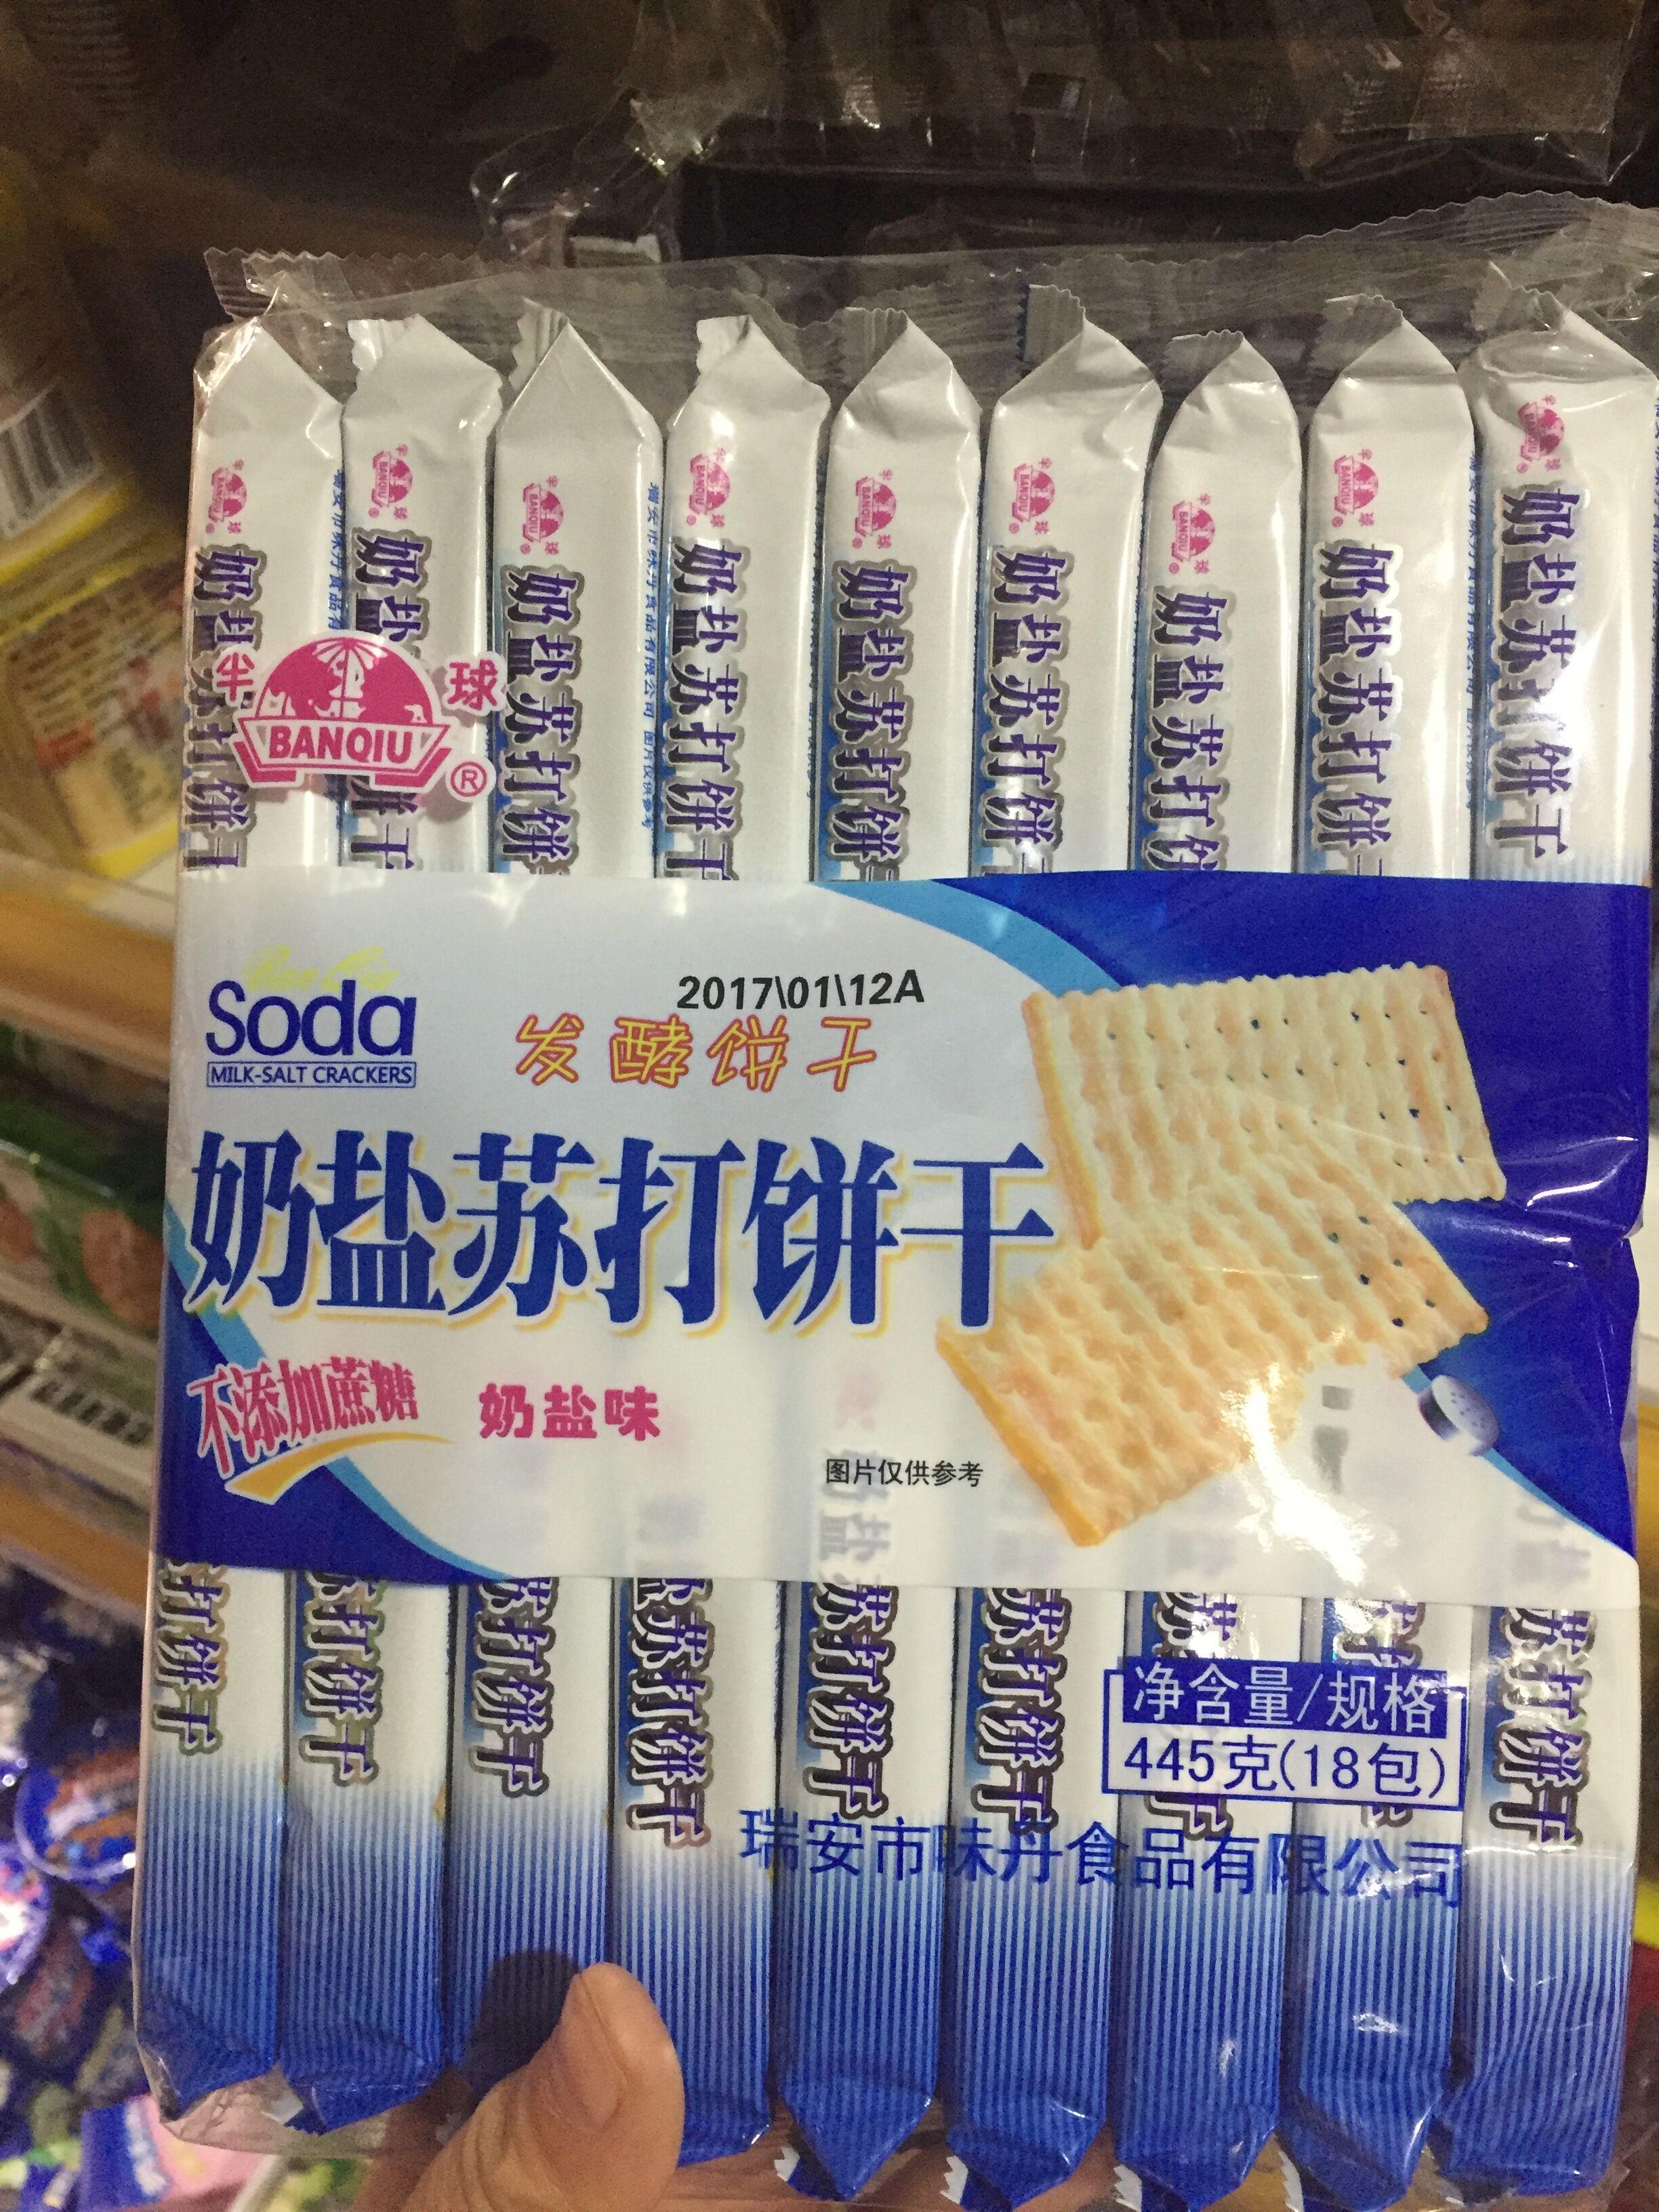 Generación de energía de los alimentos la leche de arroz el Arroz negro de galletas de soda, galletas saladas galletas de aperitivo de oficina